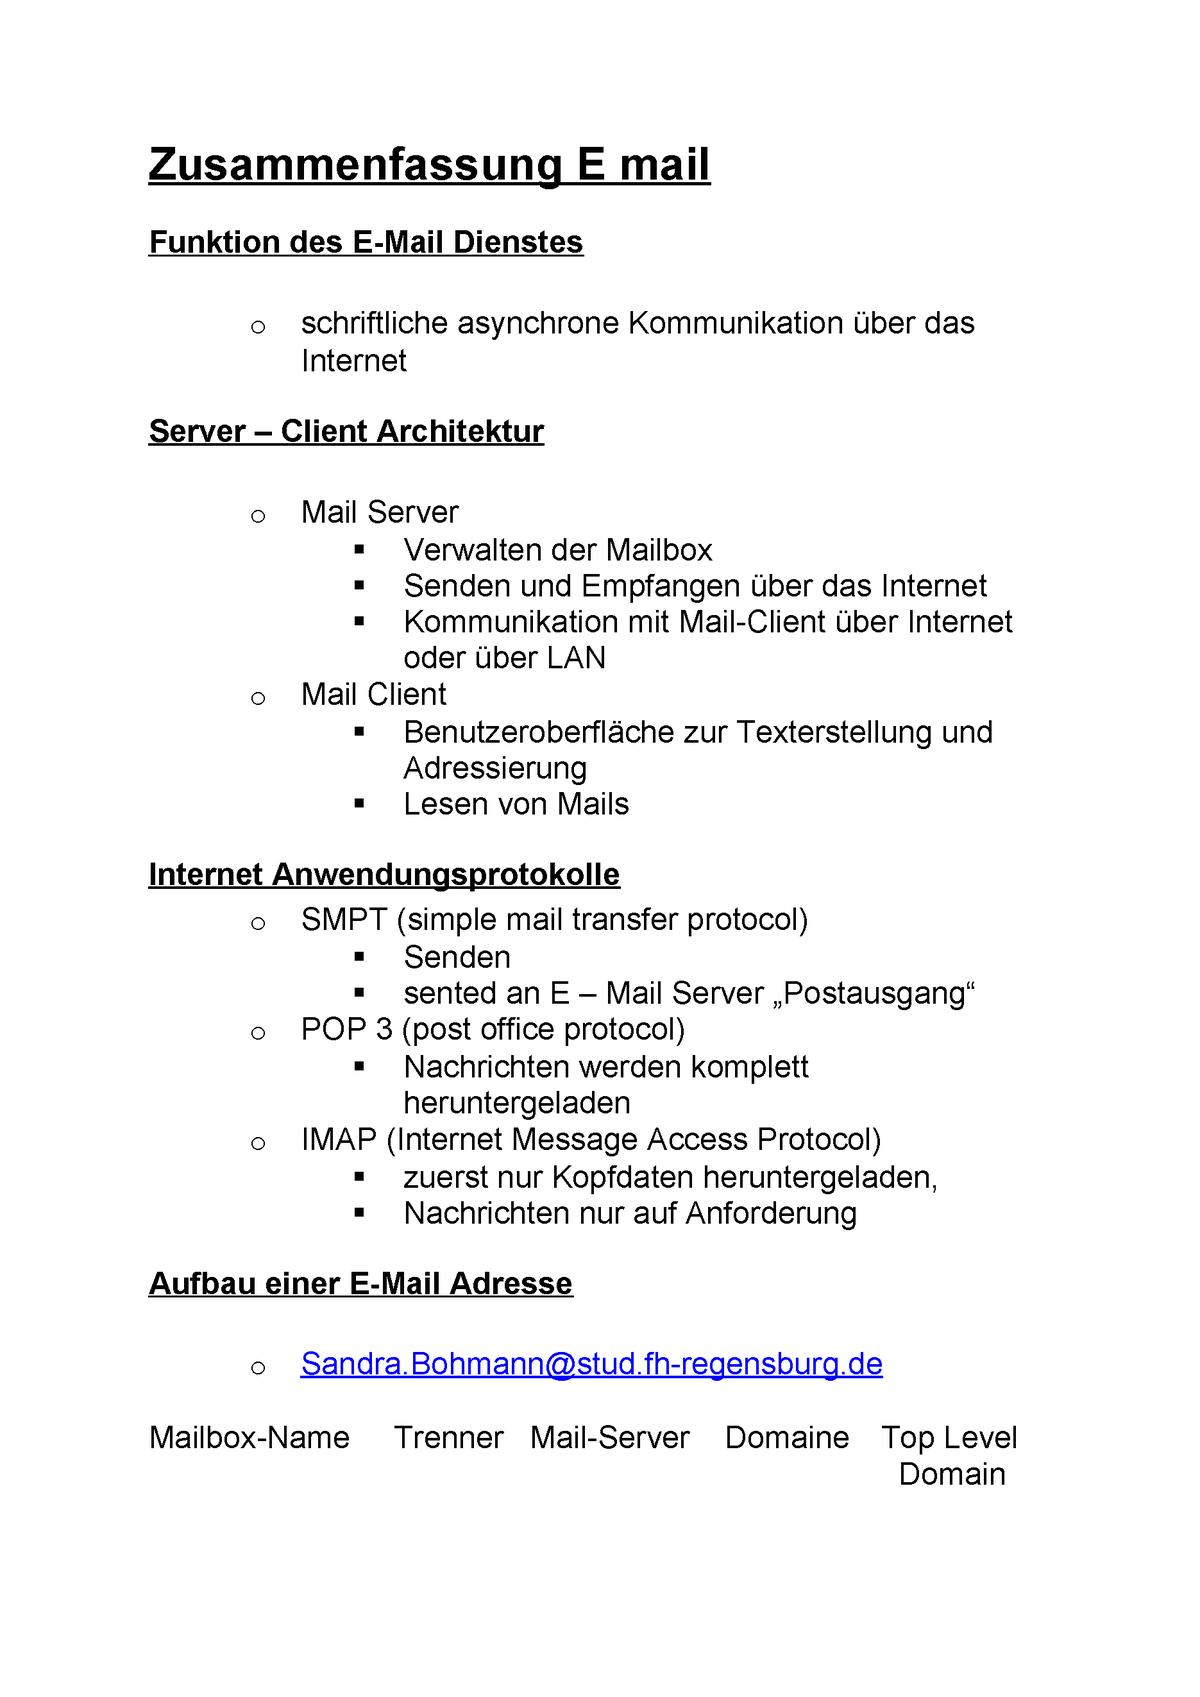 Zusammenfassung E Mail It Grundlagen Oth Regensburg